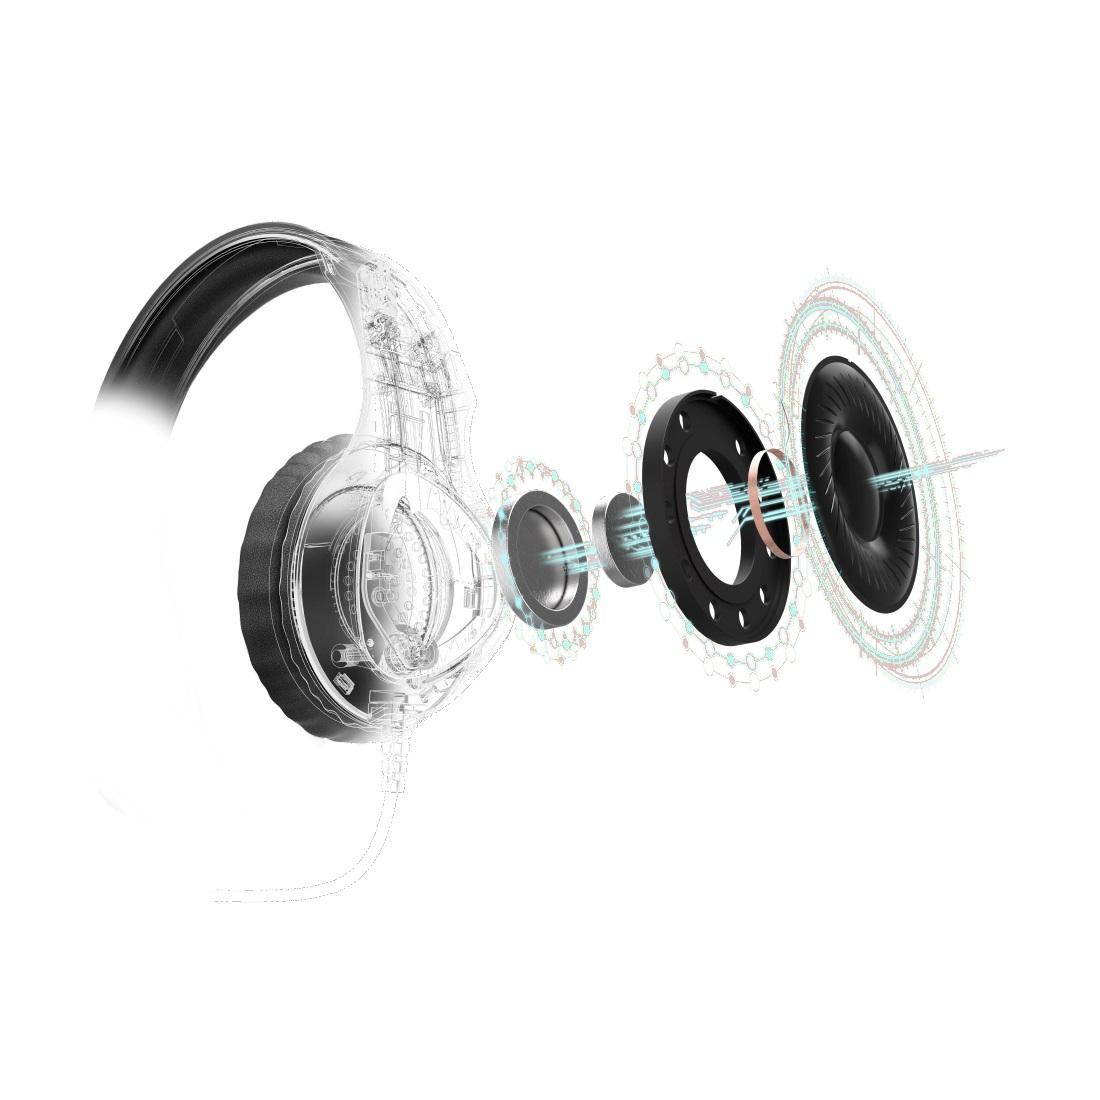 Геймърски слушалки Hama uRage Soundz 300, Микрофон, 3.5мм жак, Черен-4